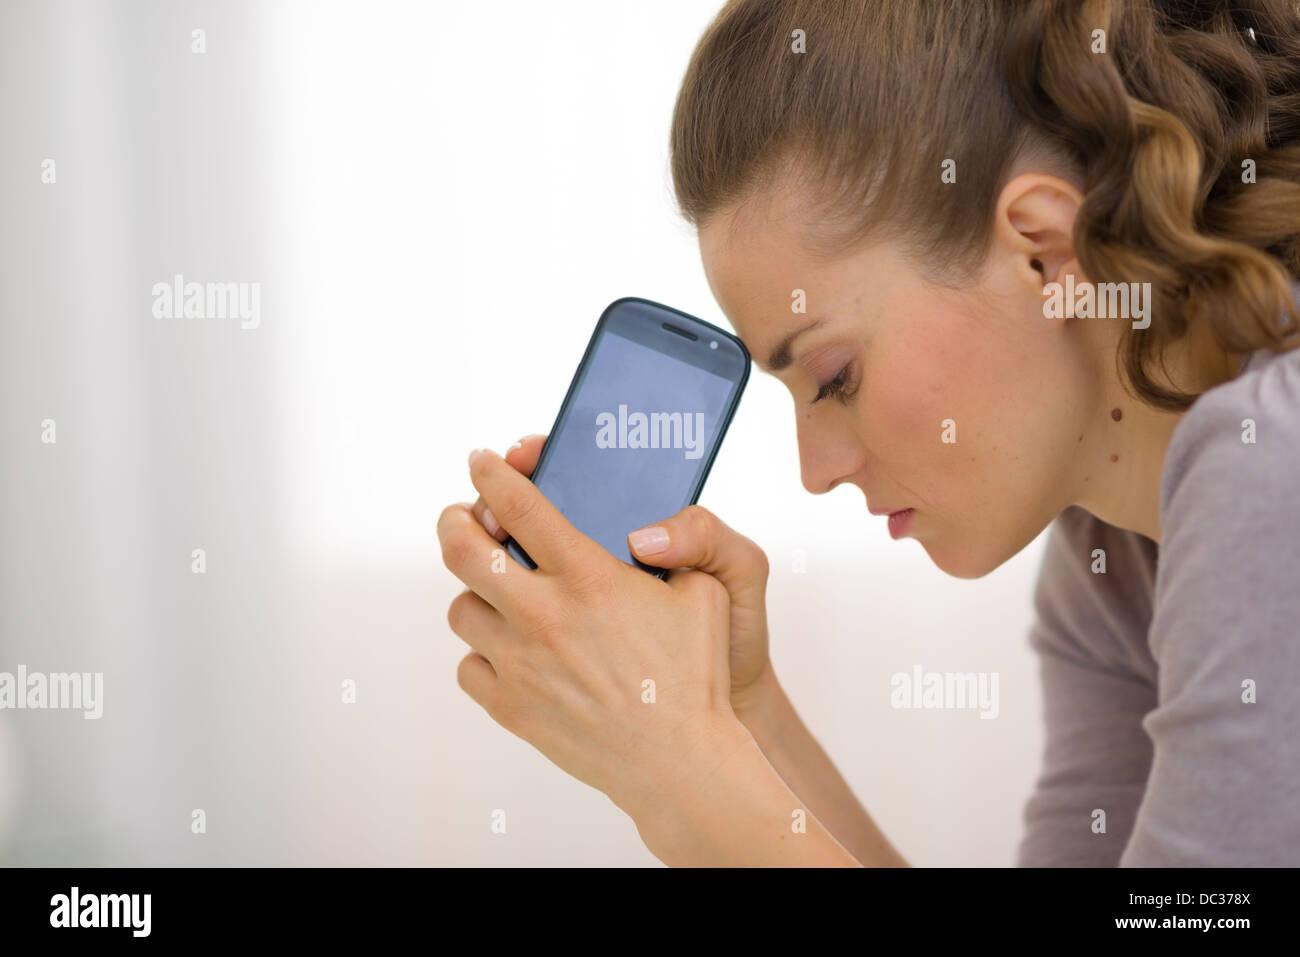 Destaca el retrato de mujer joven con teléfono celular Imagen De Stock